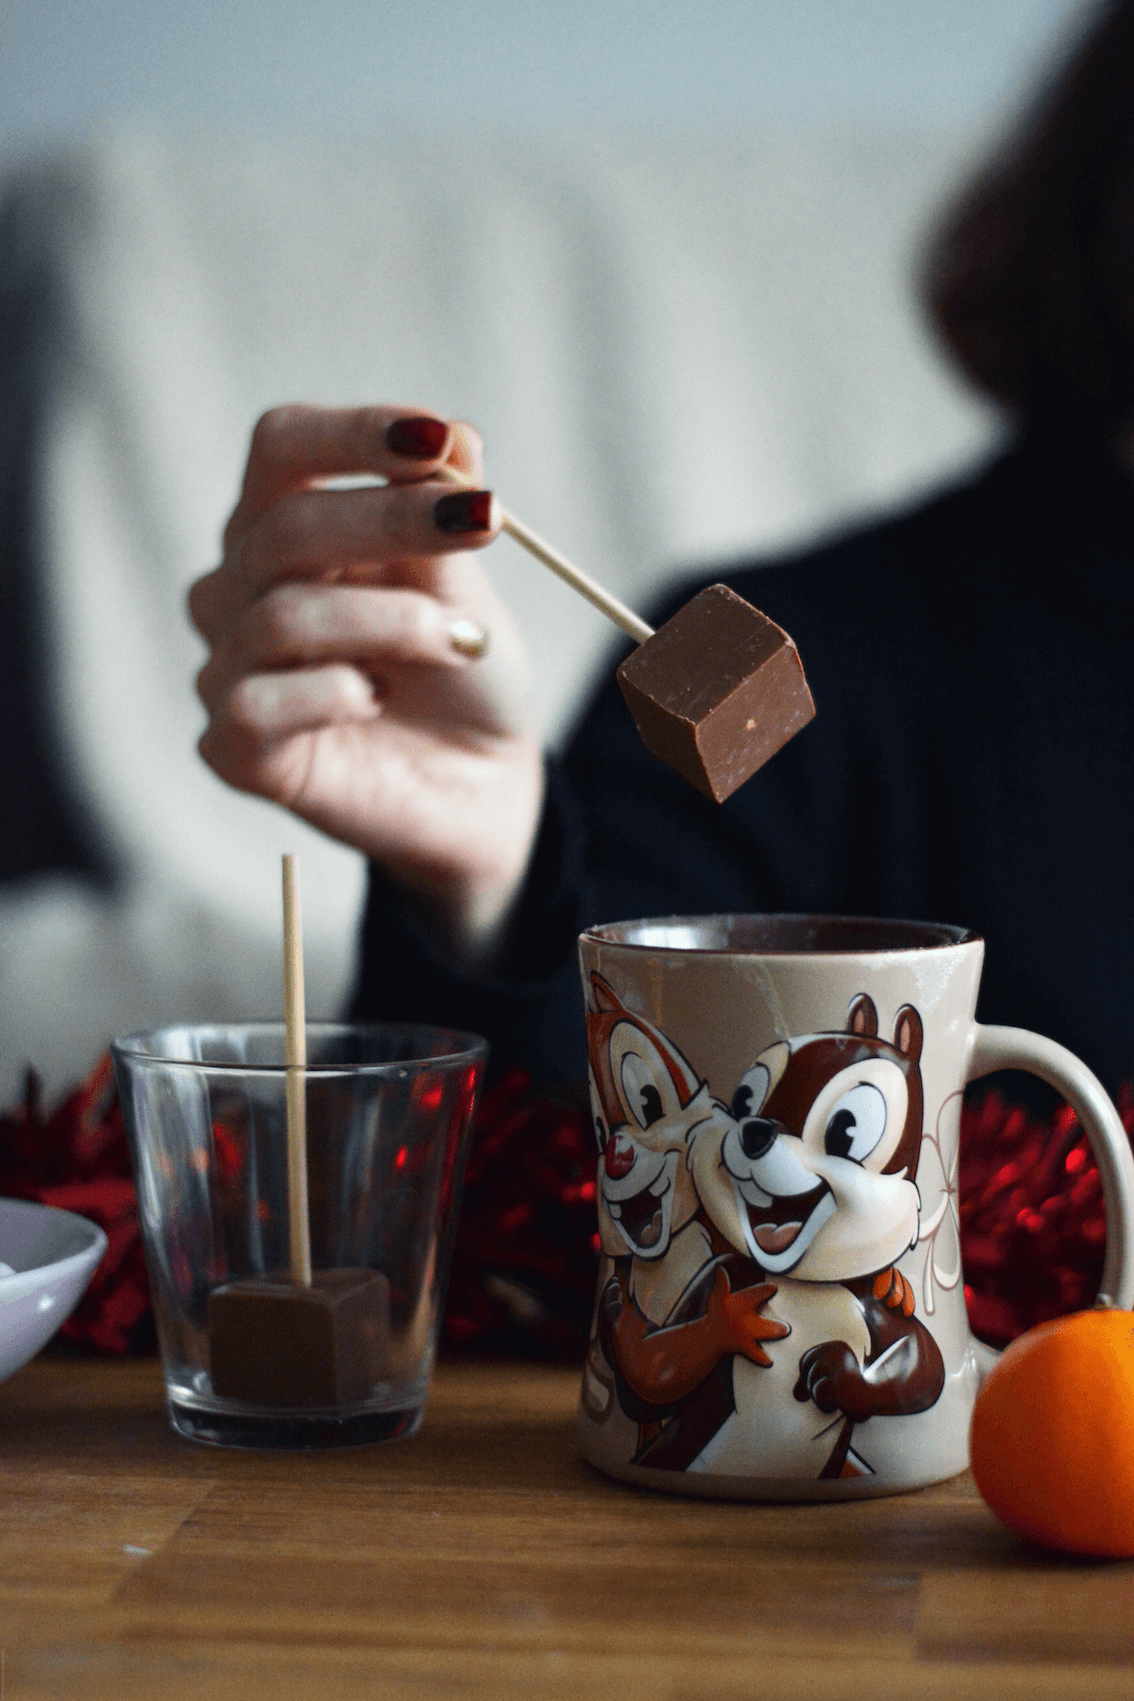 recette chocolat chaud de noel blog lifes tyle